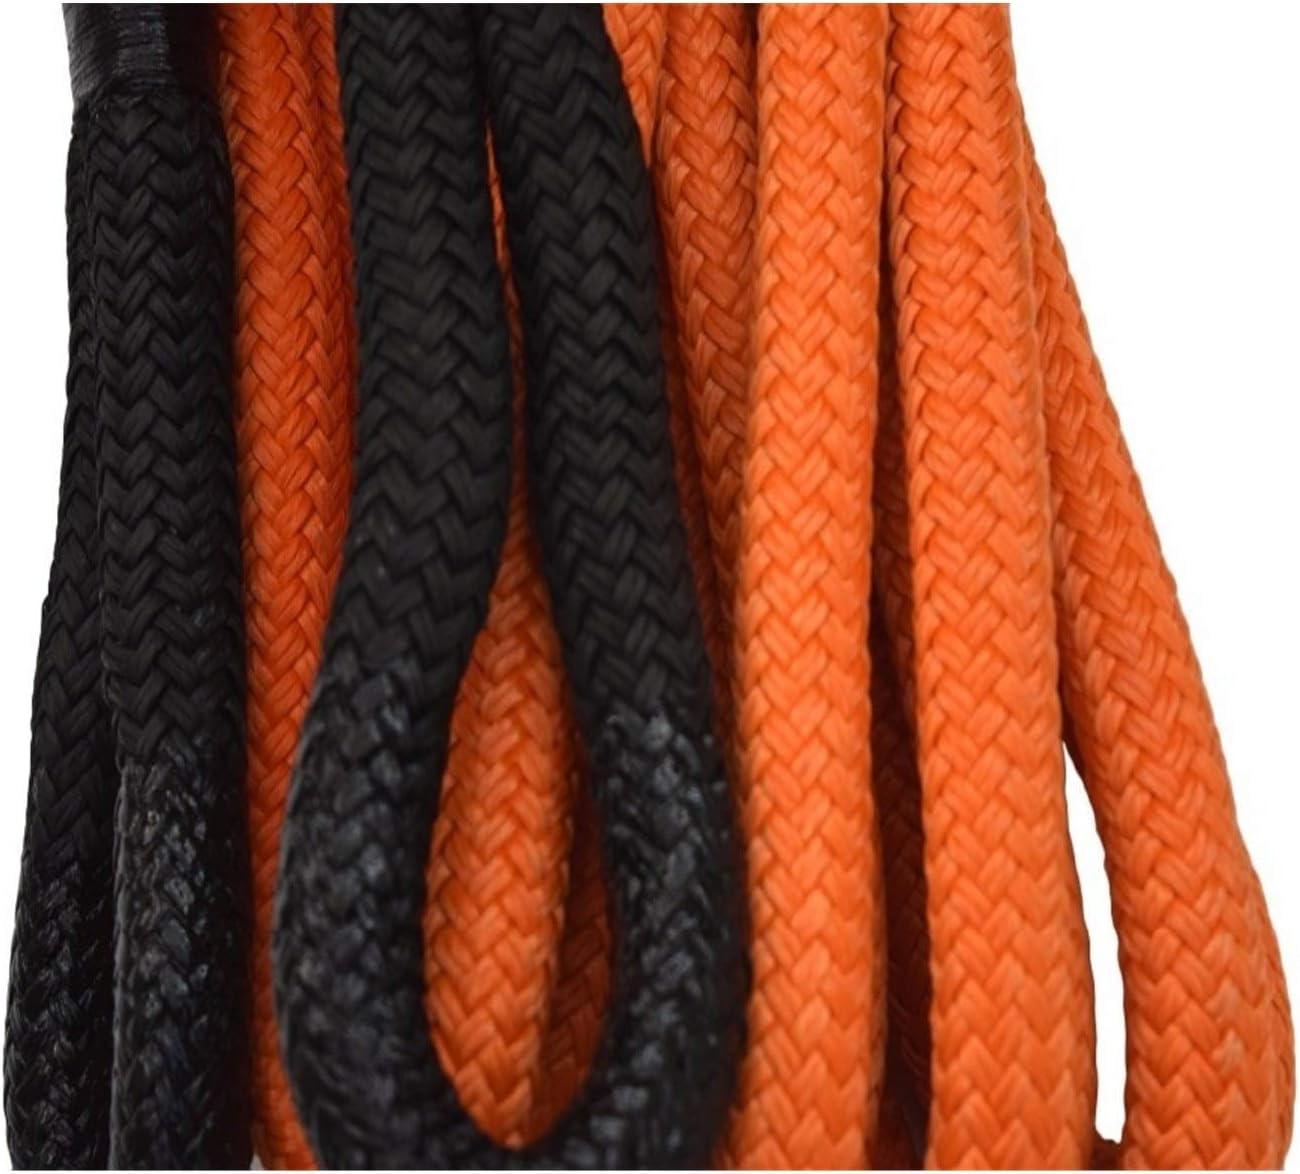 Double Nylon Tresse Corde de r/écup/ération Corde de remorquage Color : Orange C/âble de treuil Corde cin/étique for Offroad YEZIO C/âble Winch VTT//UTV Orange 1 * 20ft mm /énergie cin/étique Corde